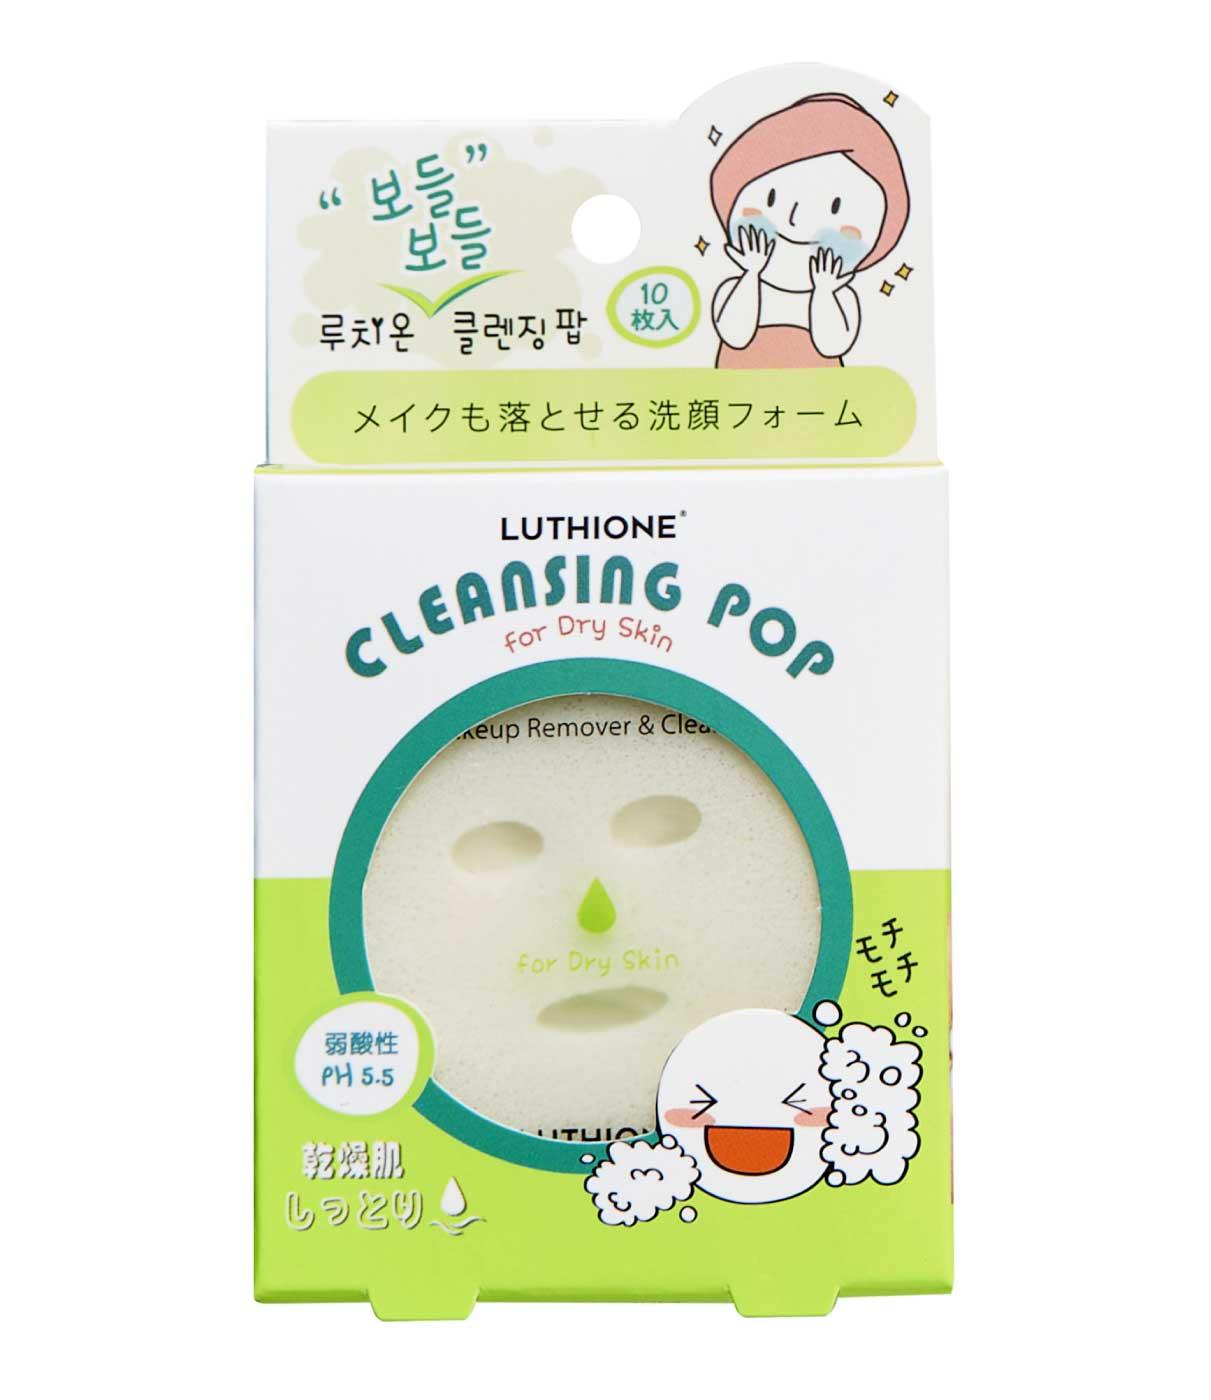 【送料無料、ポストにお届け!】ルチオンクレンジングポップよりどり3個●乾燥・脂性・敏感